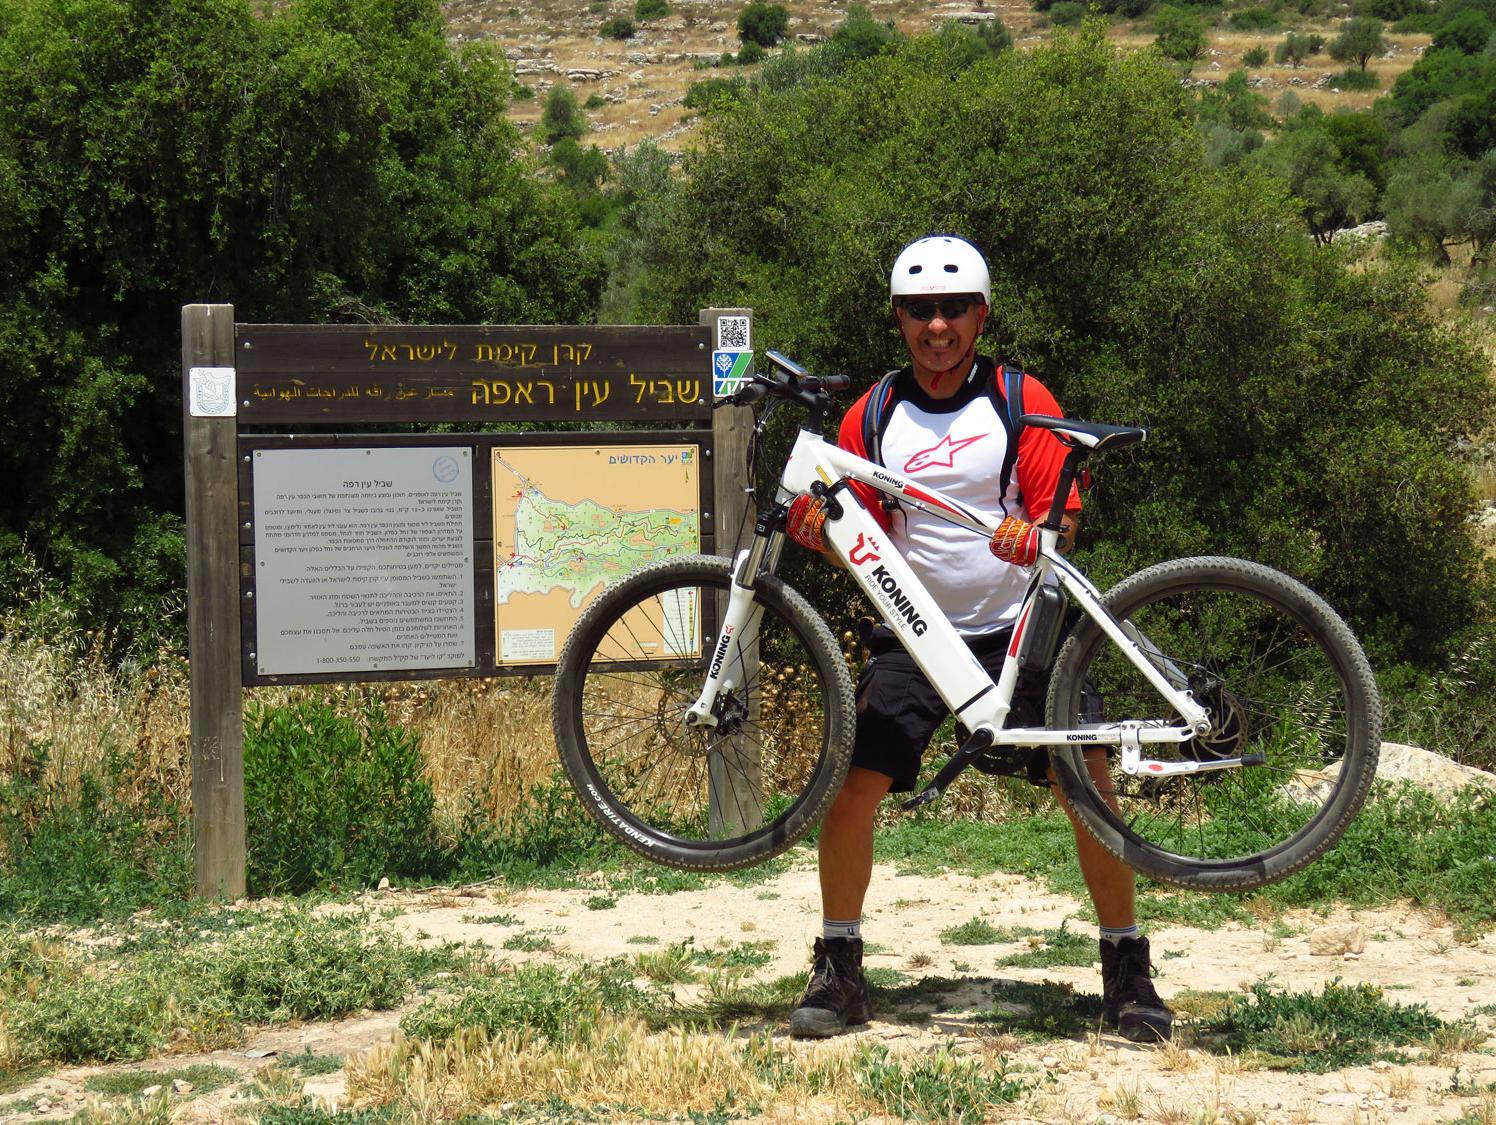 מבחן: אופני הרים חשמליים, מי צריך את זה?